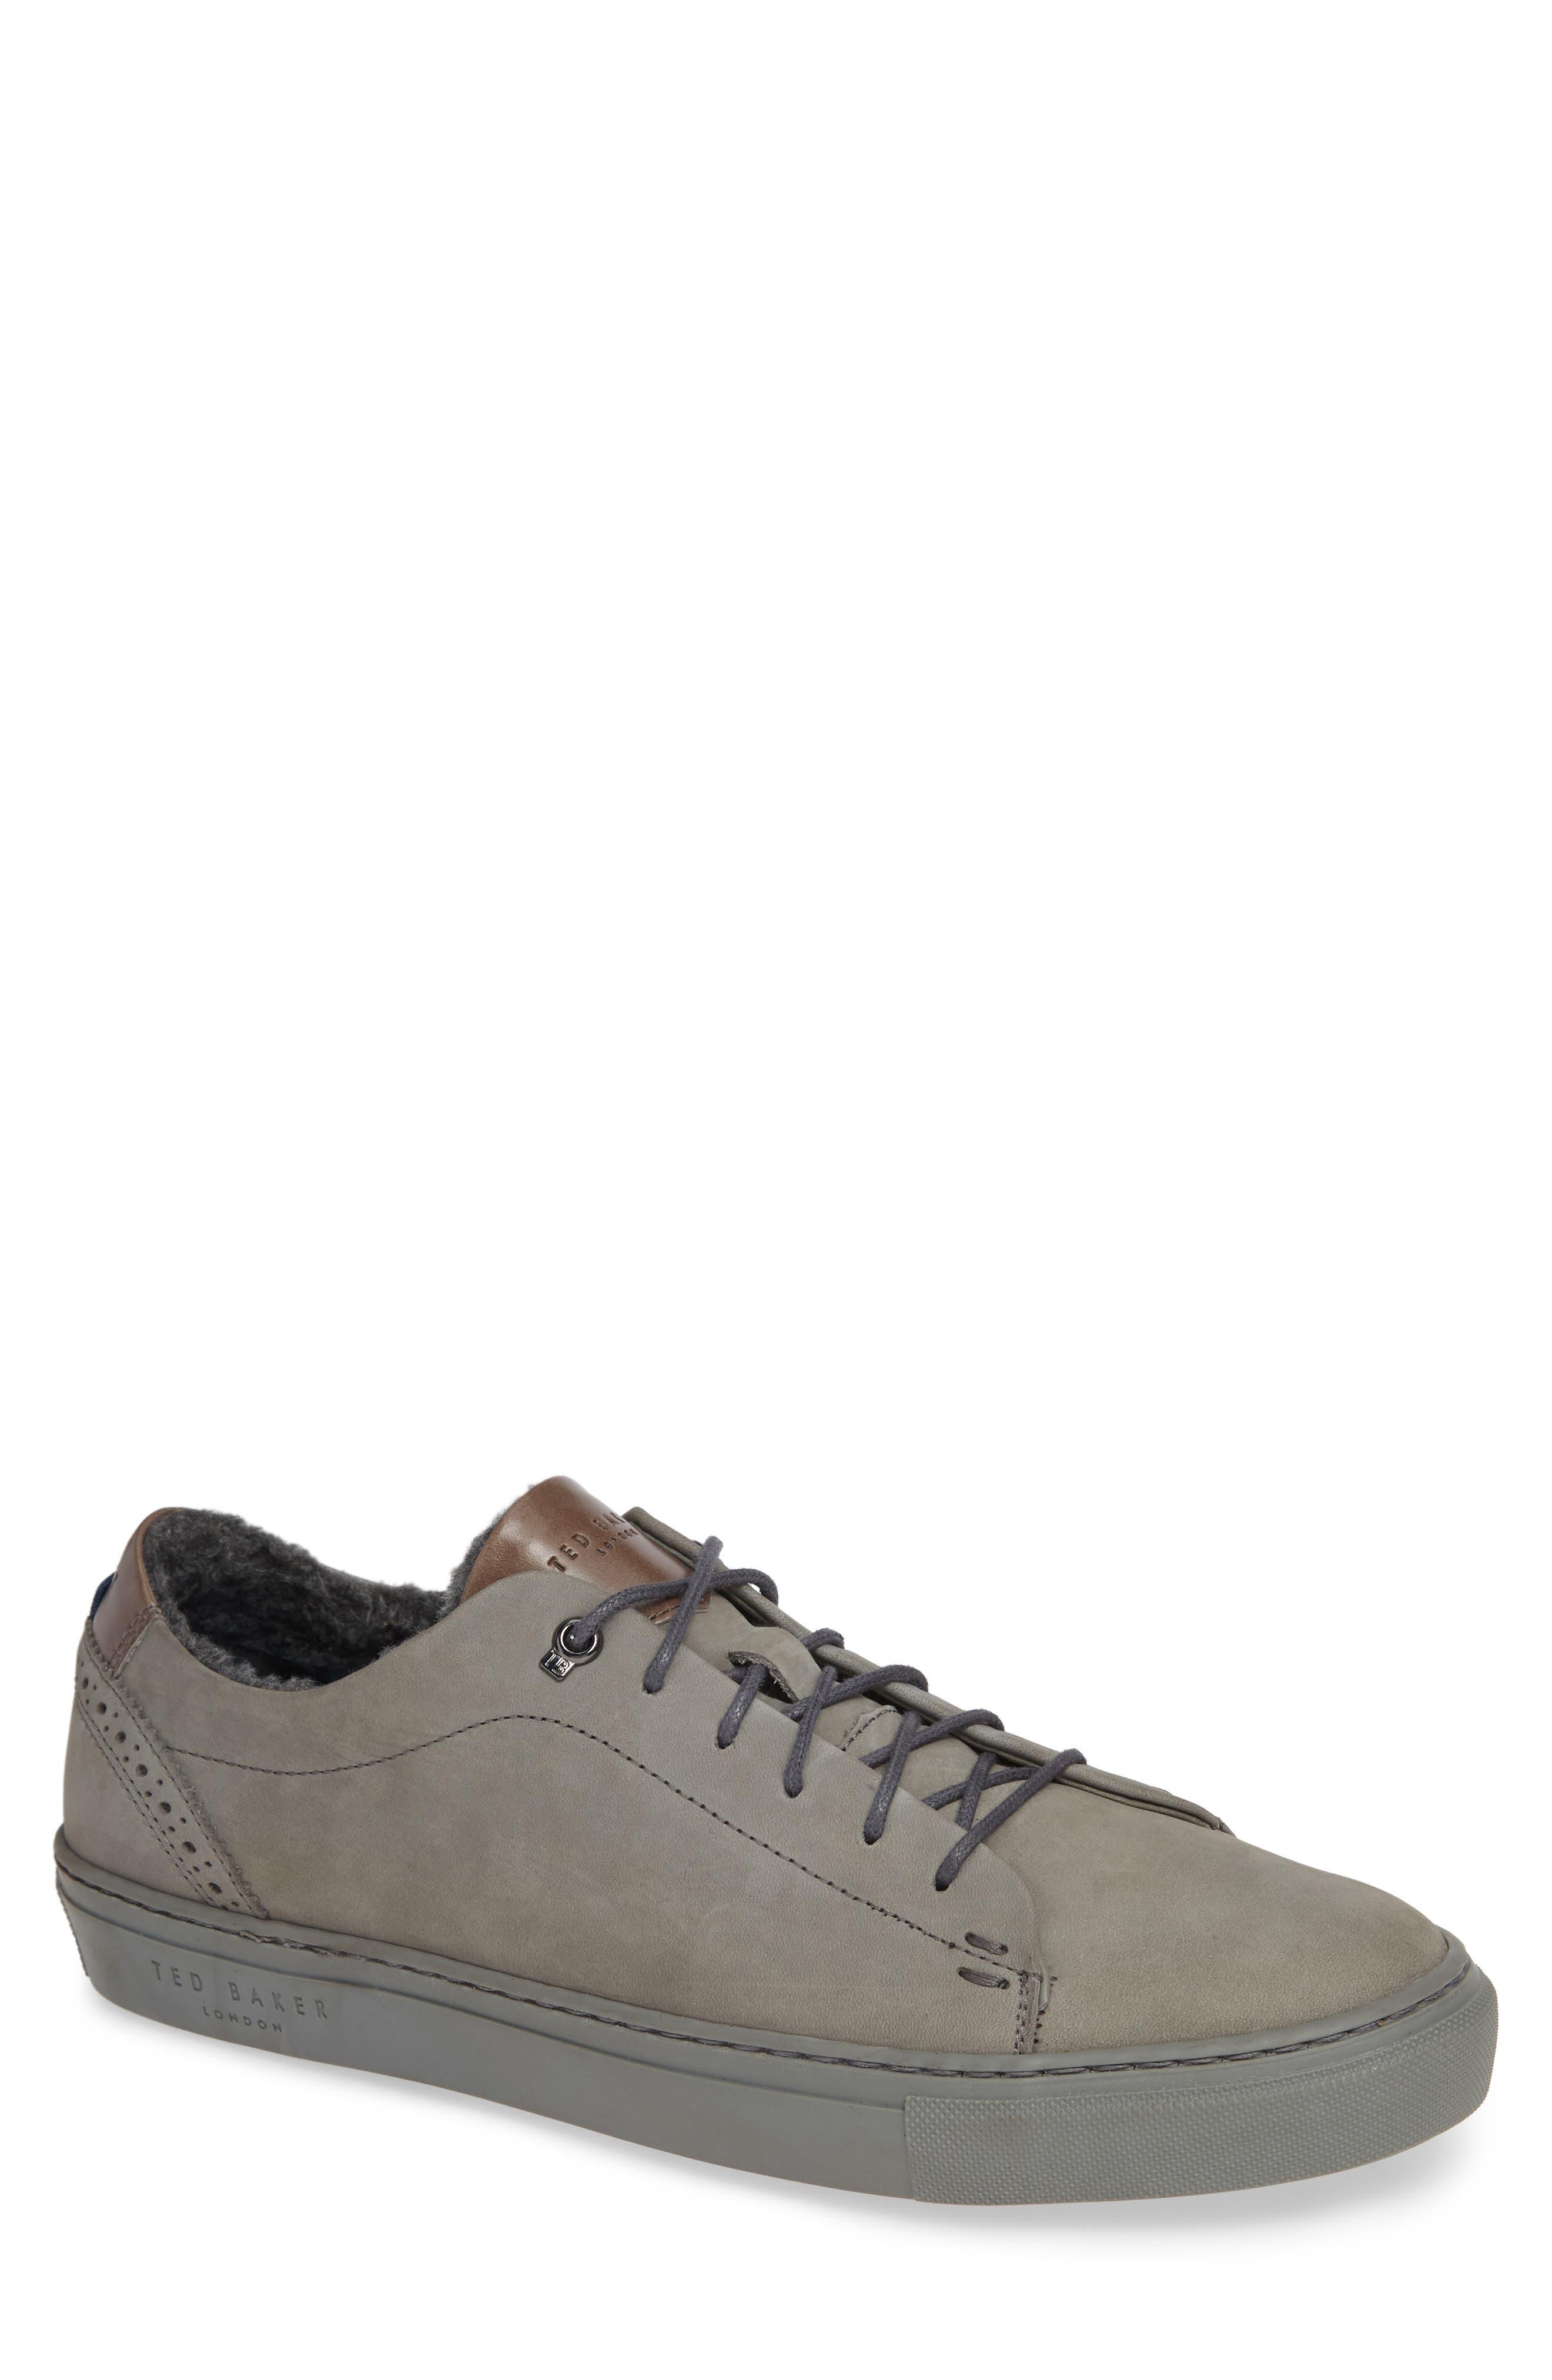 Dahvid Nubuck Sneaker,                             Main thumbnail 1, color,                             GREY NUBUCK